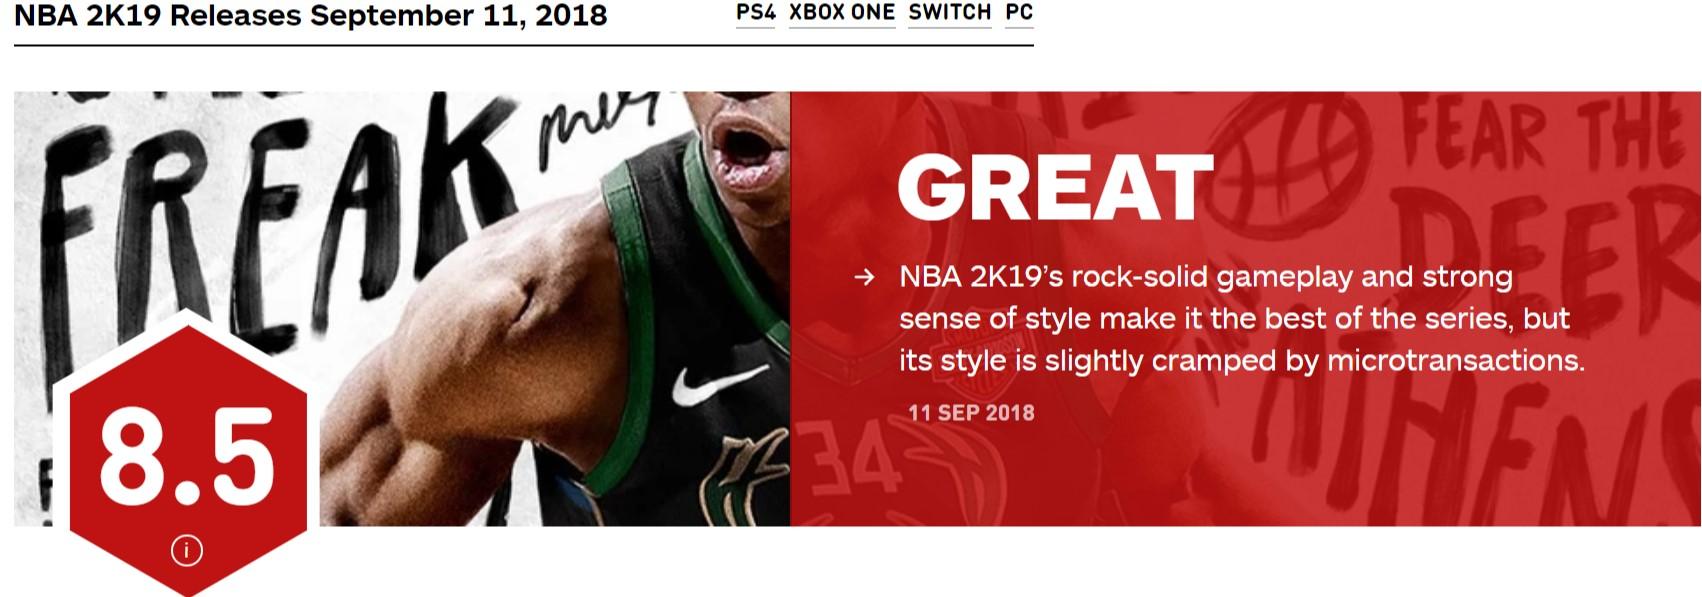 《NBA 2K19》IGN 8.5分 玩法稳健、强烈的风格化使其成为系列最佳